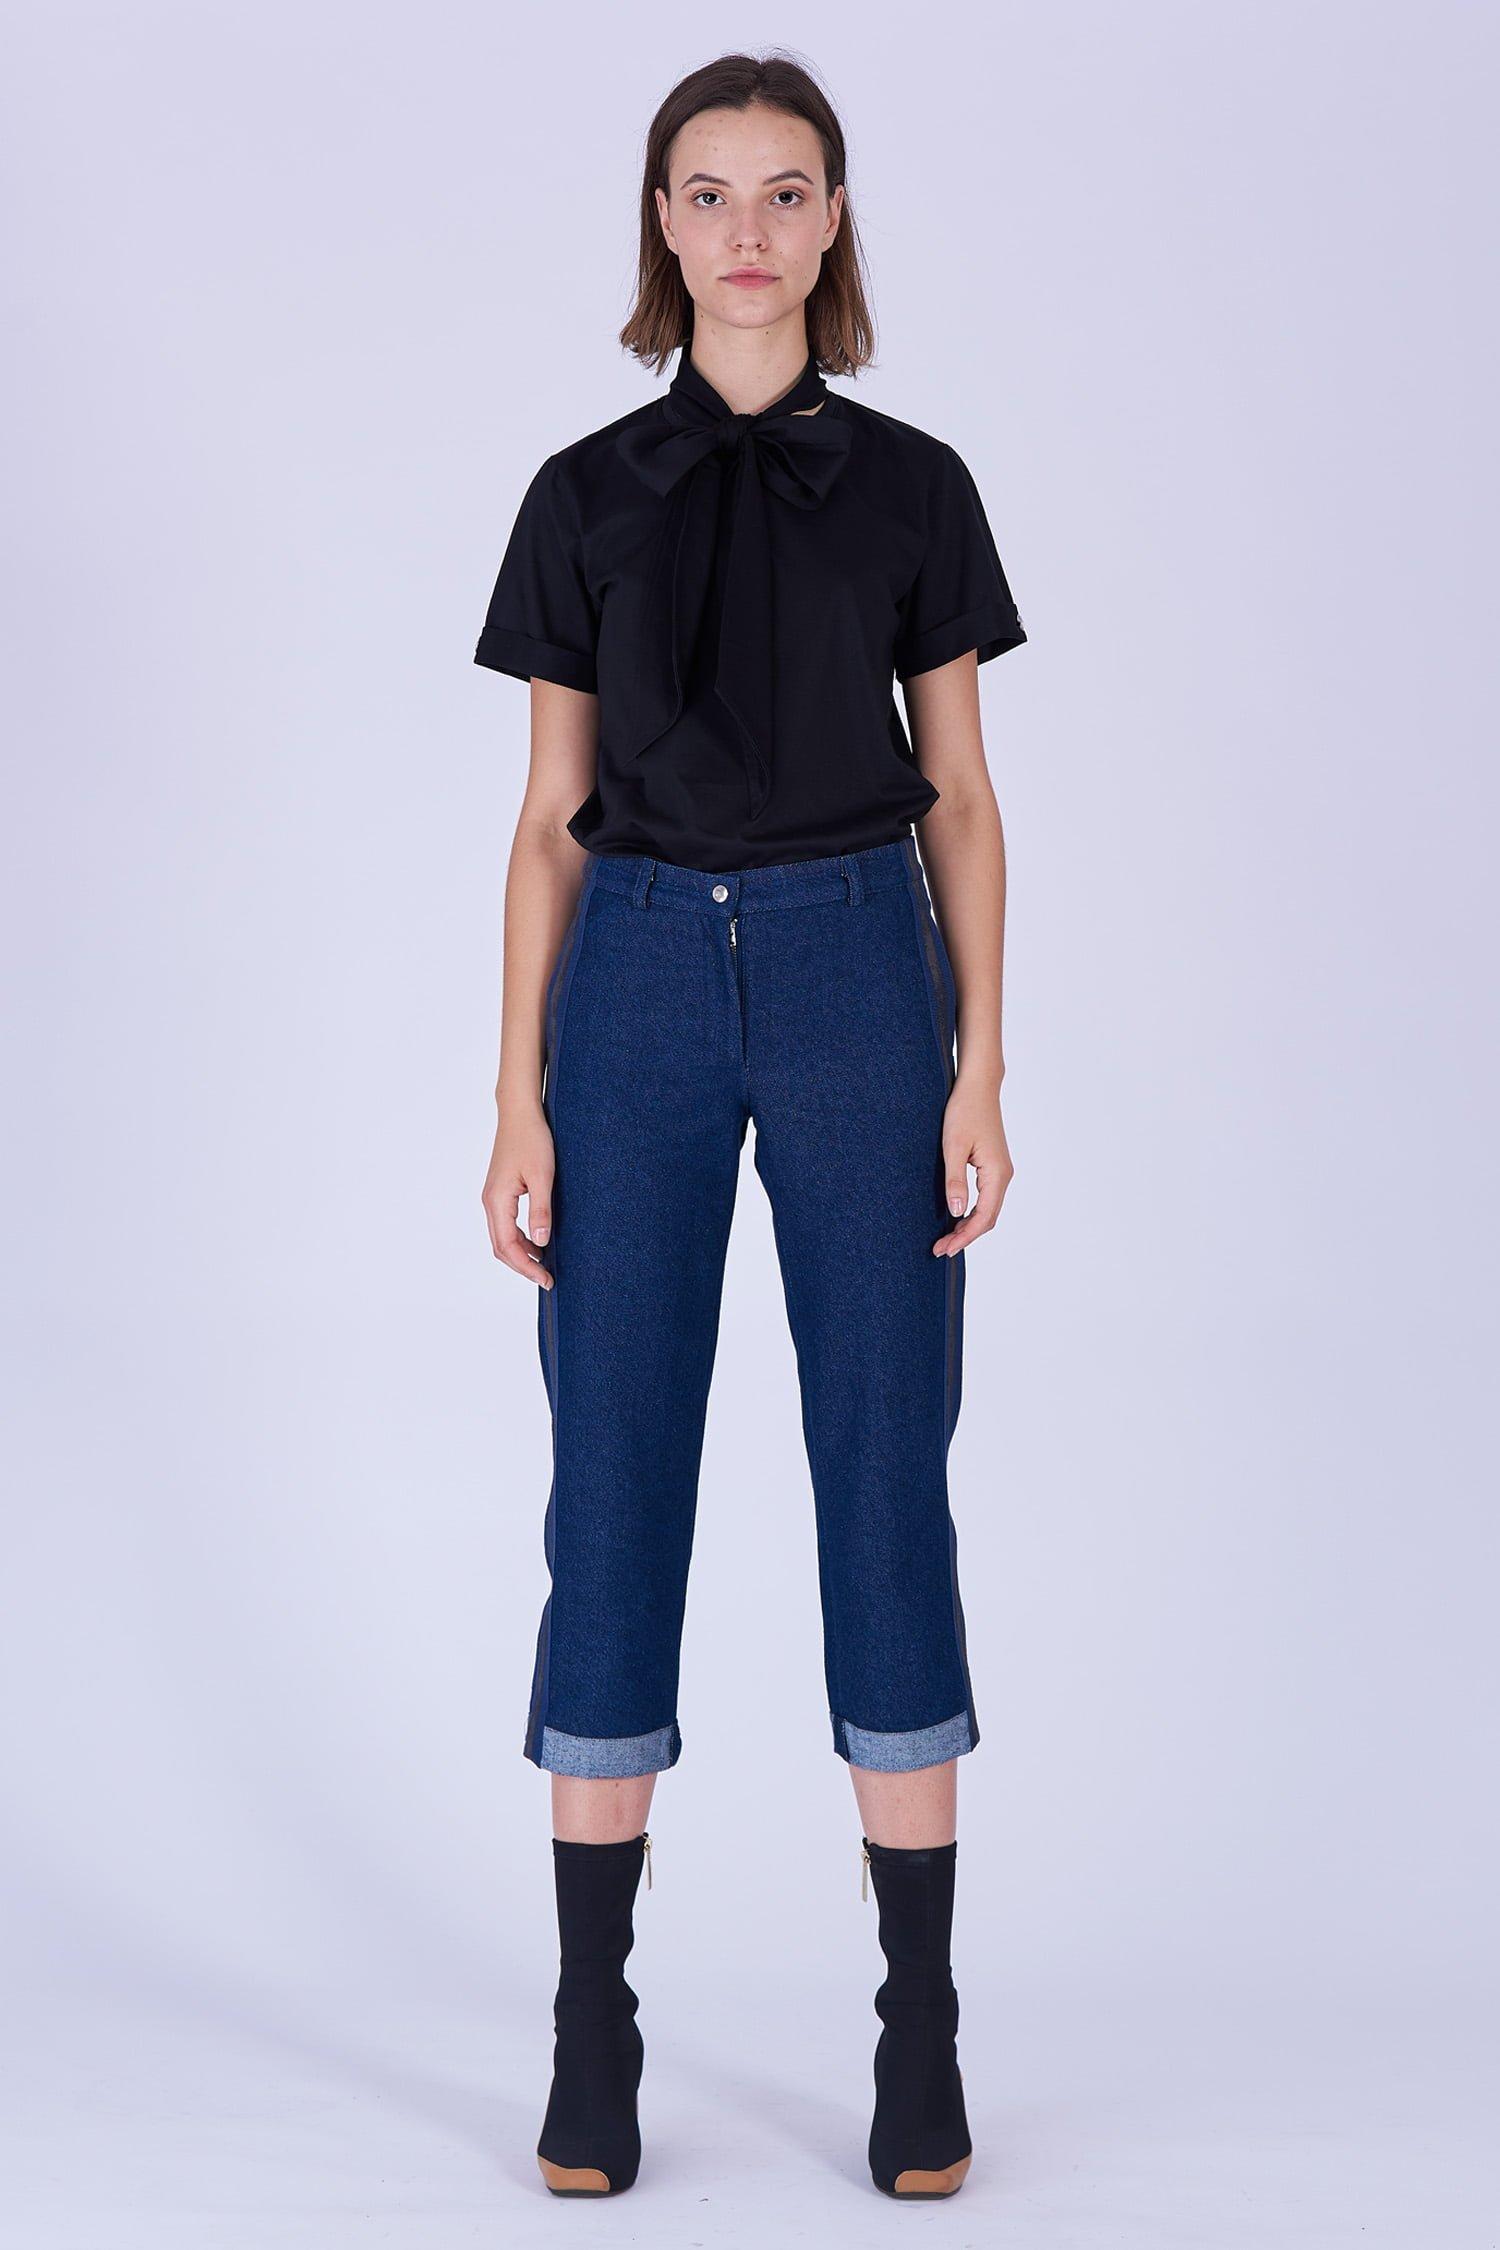 Acephala Fw19 20 Black T Shirt Bowtie Organic Czarny Kokarda Dark Blue Denim Trousers Stripe Niebieskie Jeansy Front 1